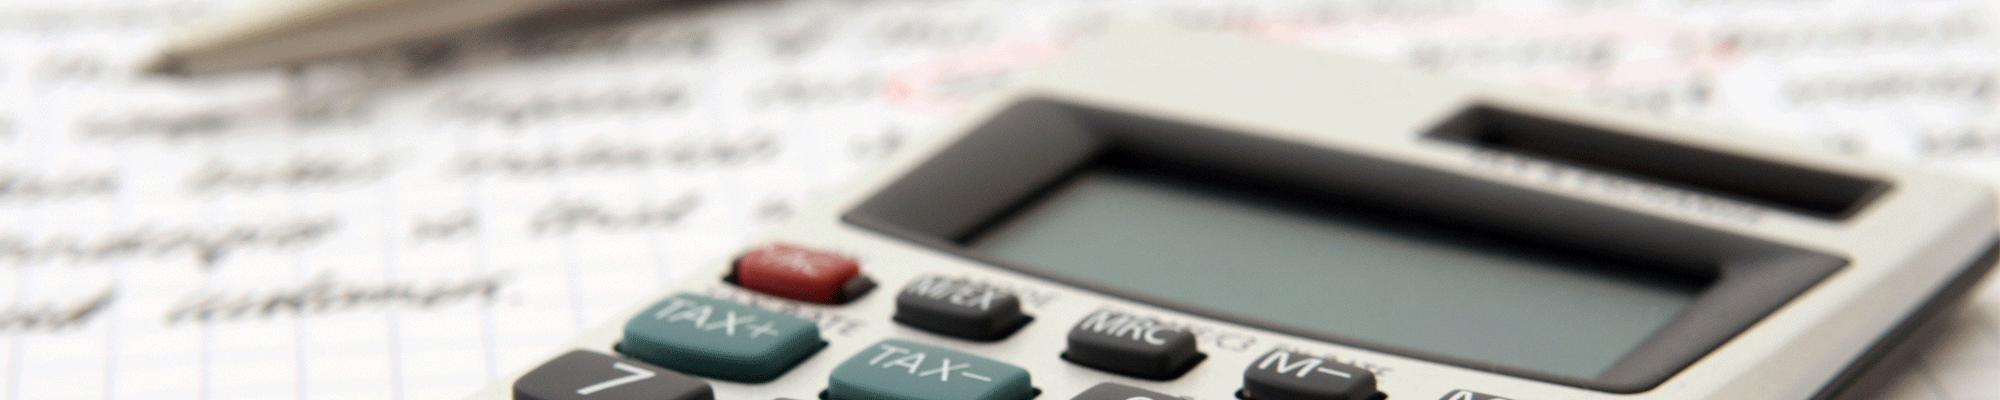 Leistungen Steuerkanzlei Auernhammer